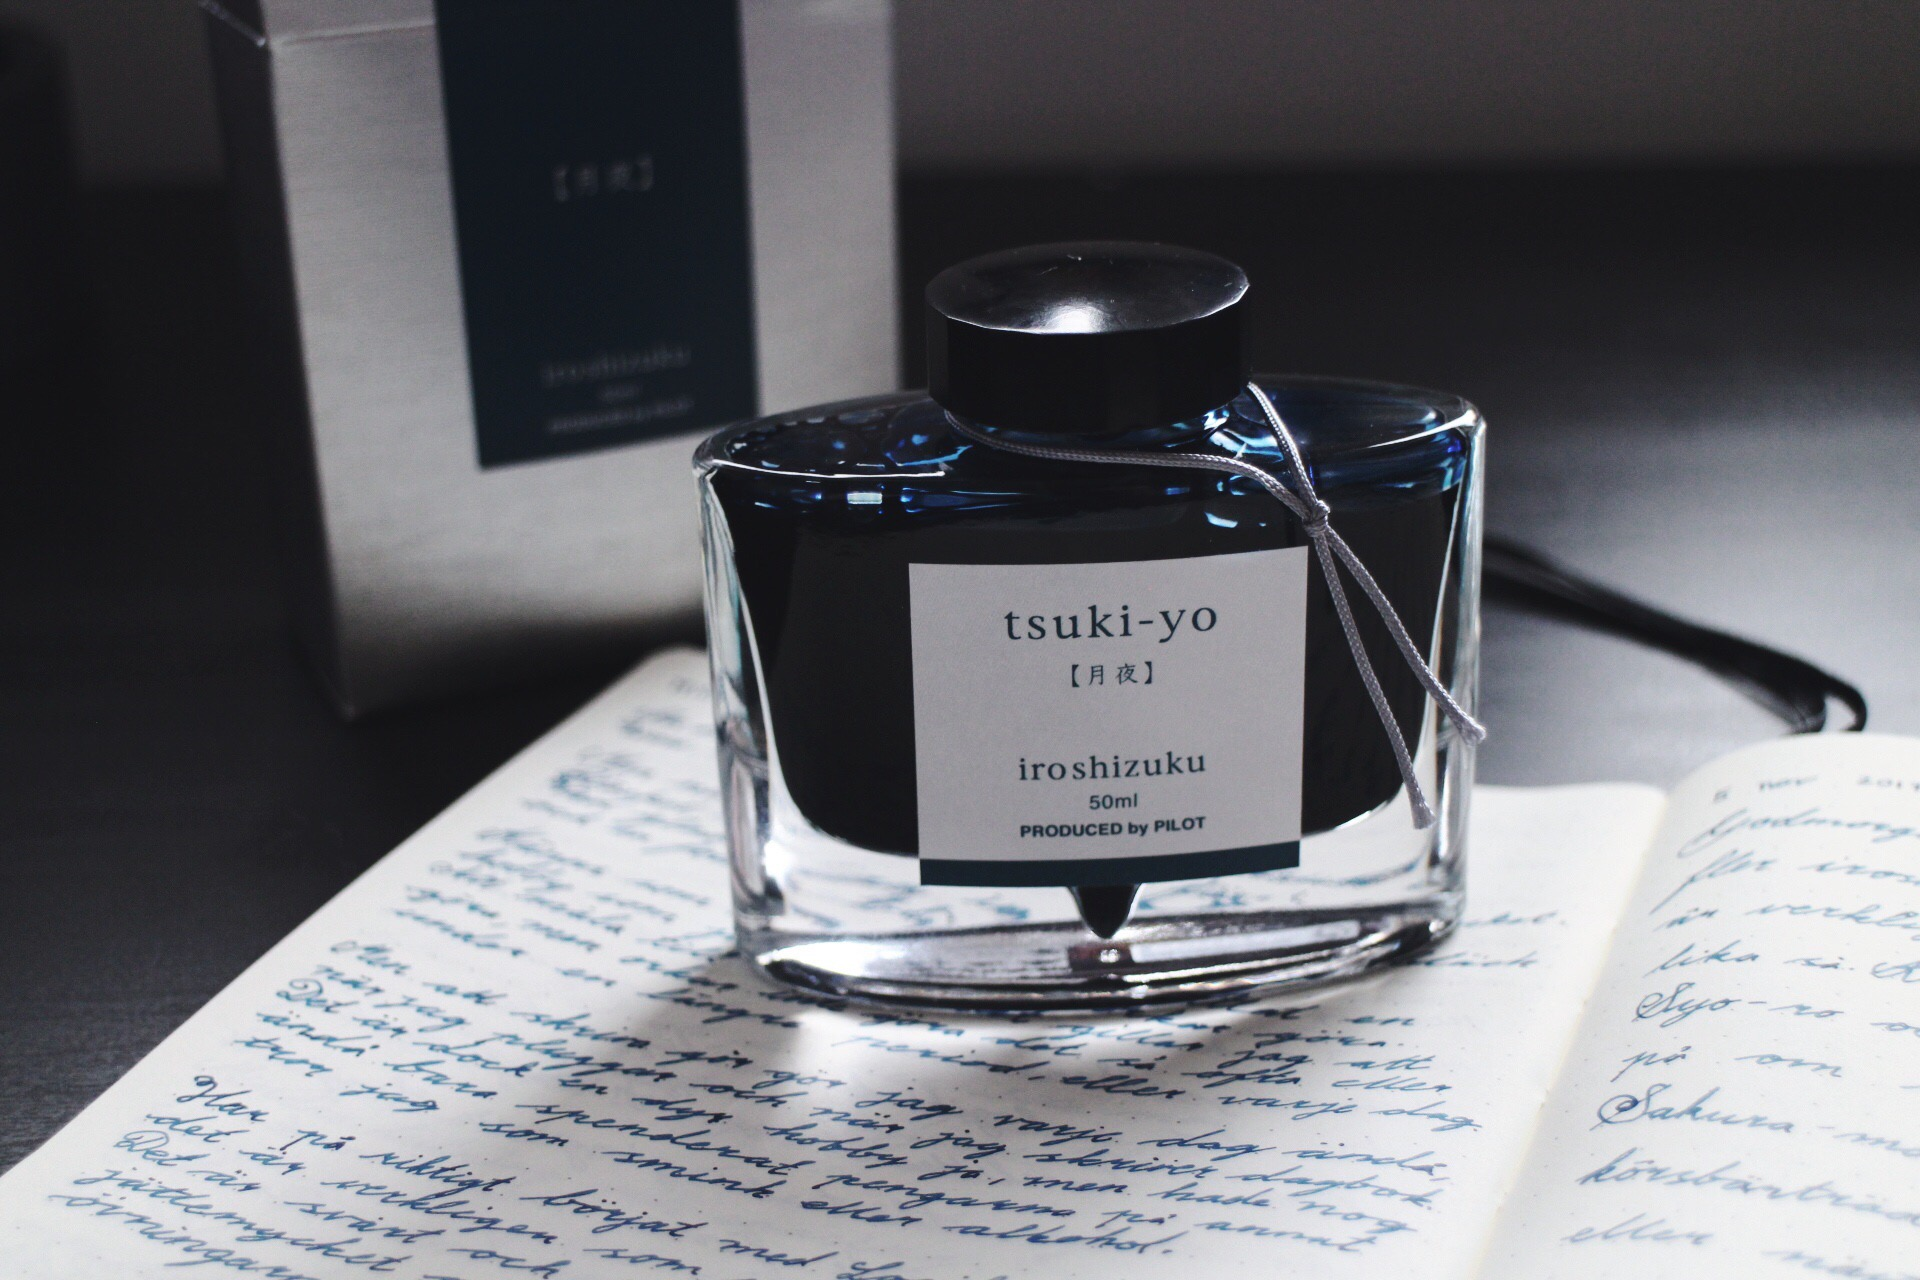 My favorite Ink! Iroshizuku, Tsuki-yo